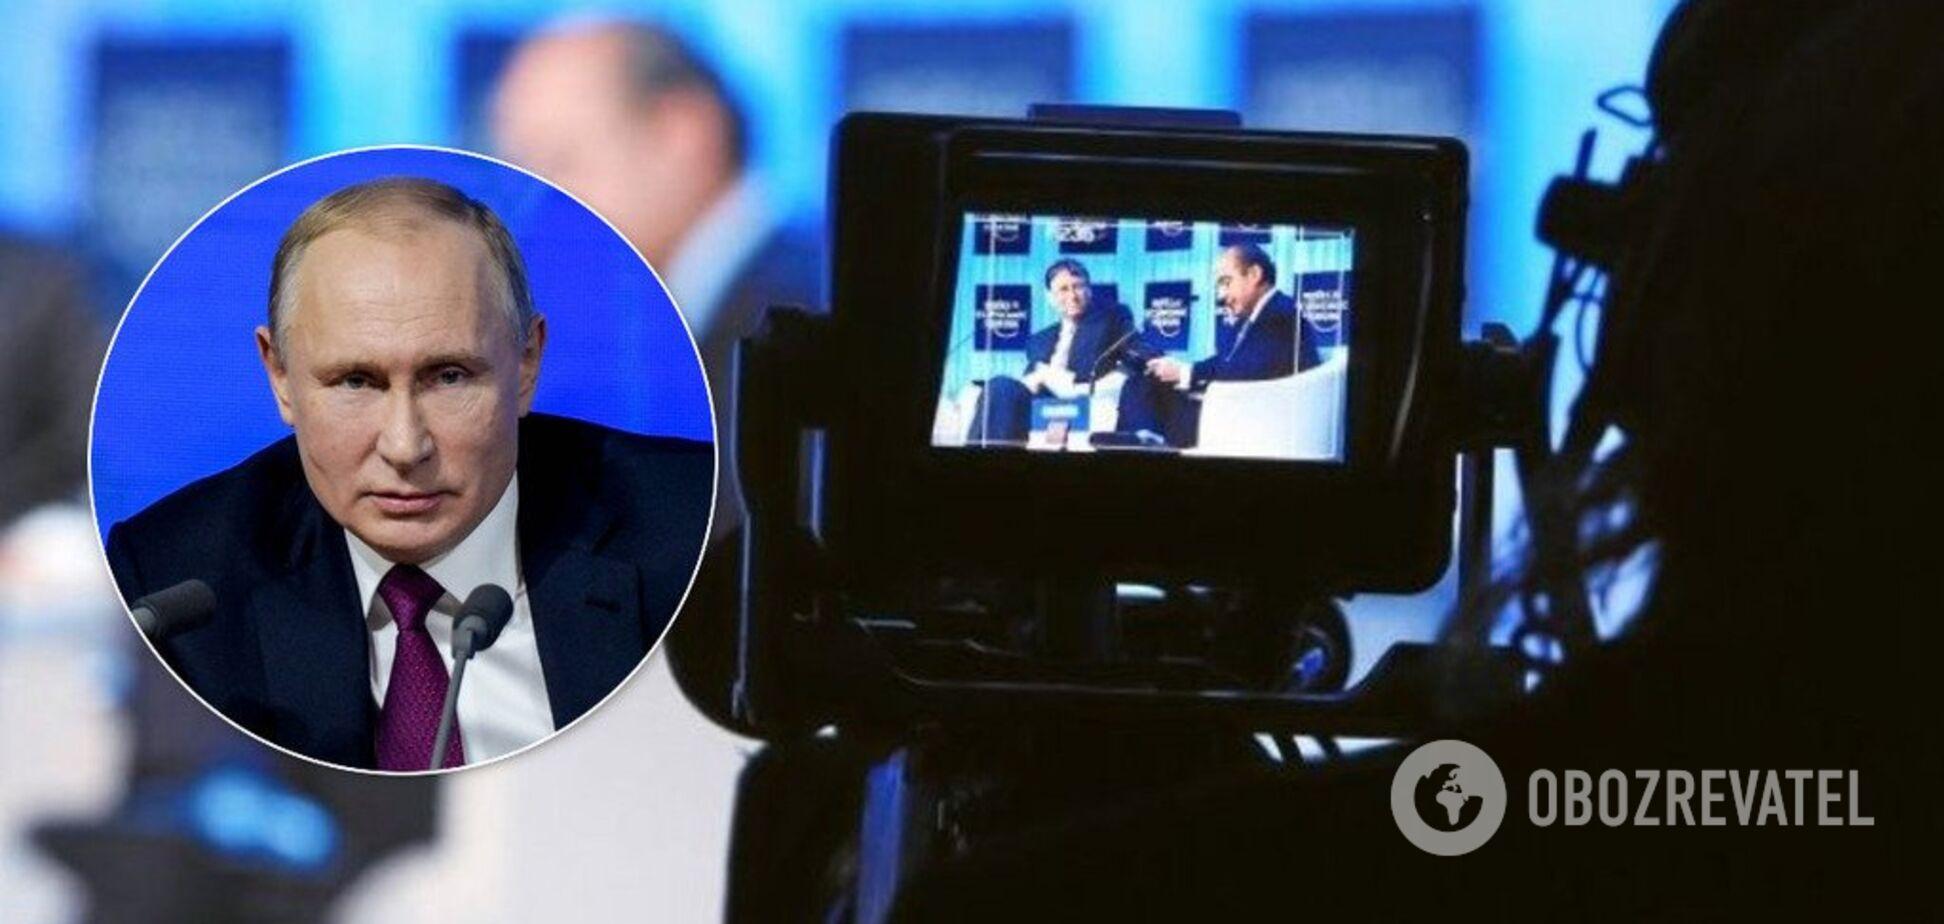 Волонтер заявил об опасной 'мягкой силе' Кремля в Украине